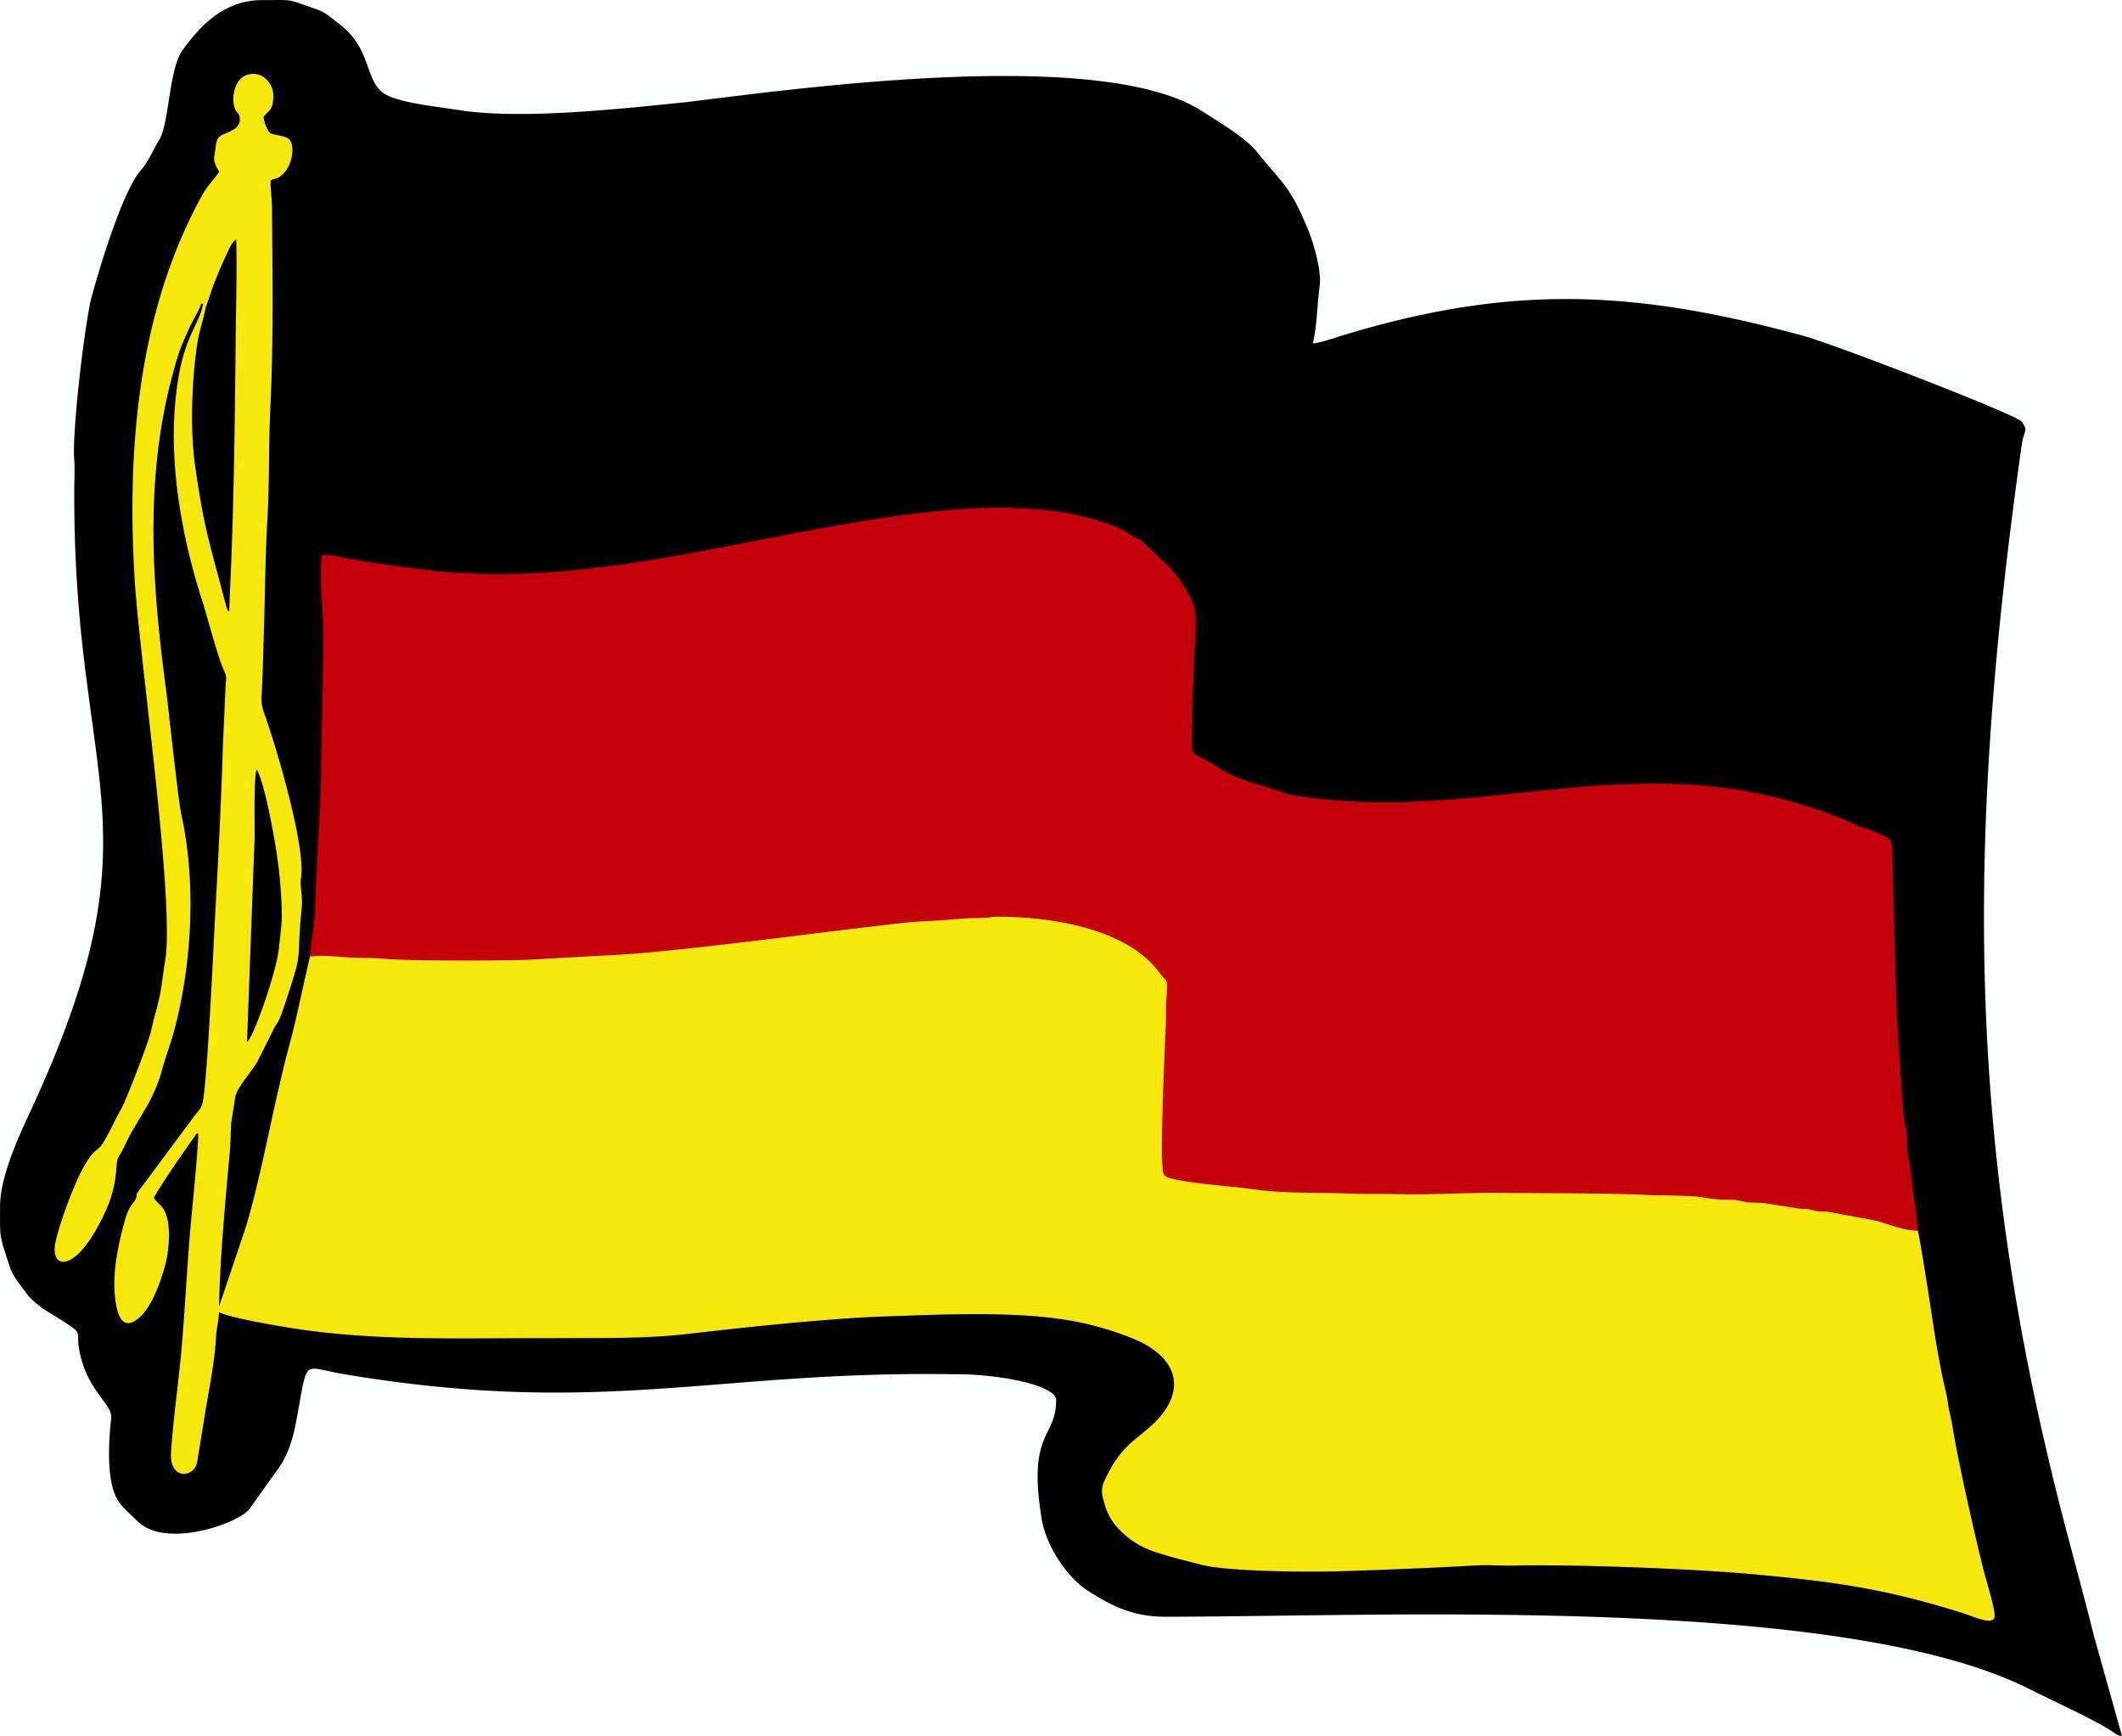 Aufkleber Deutsche Flagge 60 x 80 mm Deutschland Fanartikel  – Bild 1